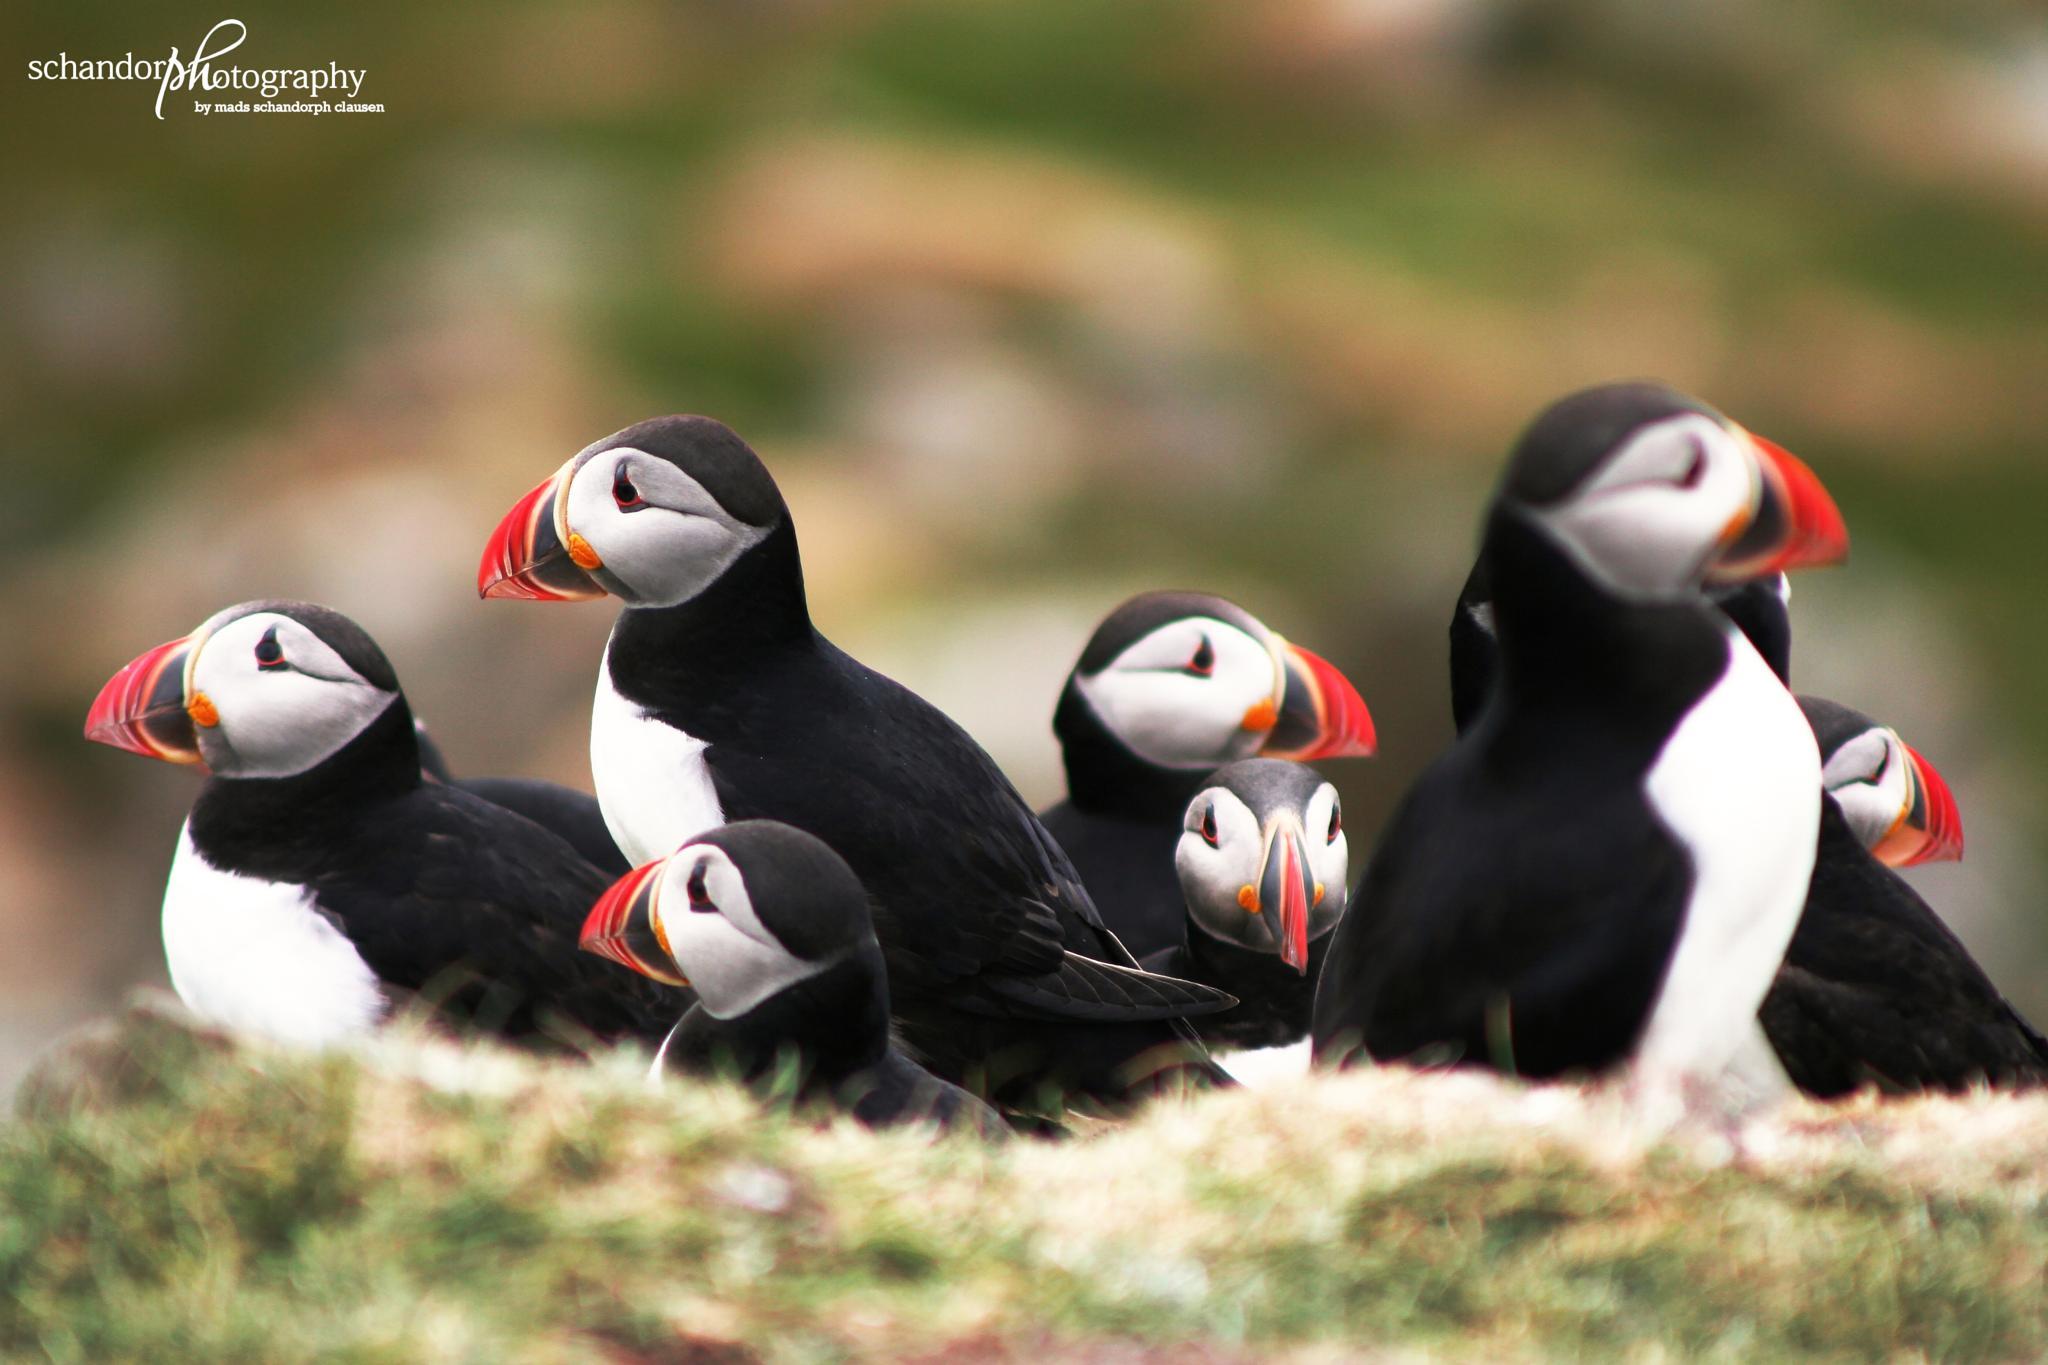 Stick Together - Faroe Islands by Mads Schandorph Clausen